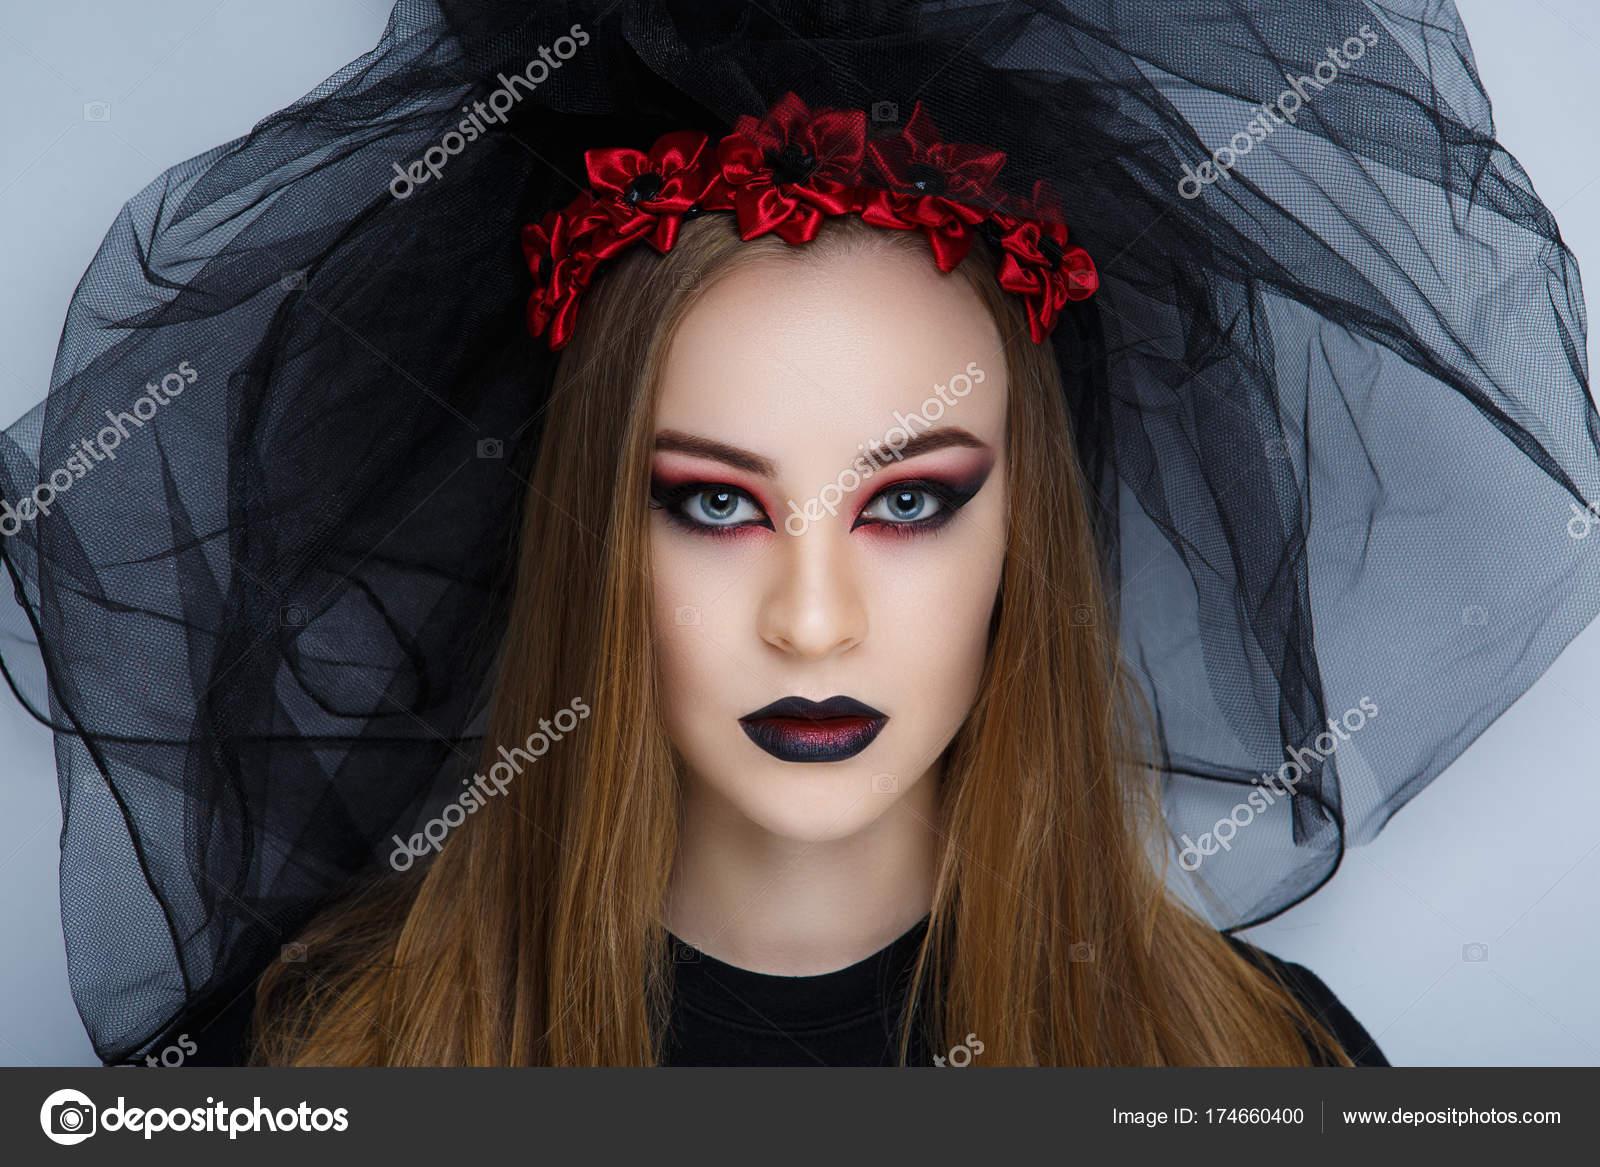 db3b7af802 Espeluznante pesadilla convirtiendo en una novia de velo negro muerte